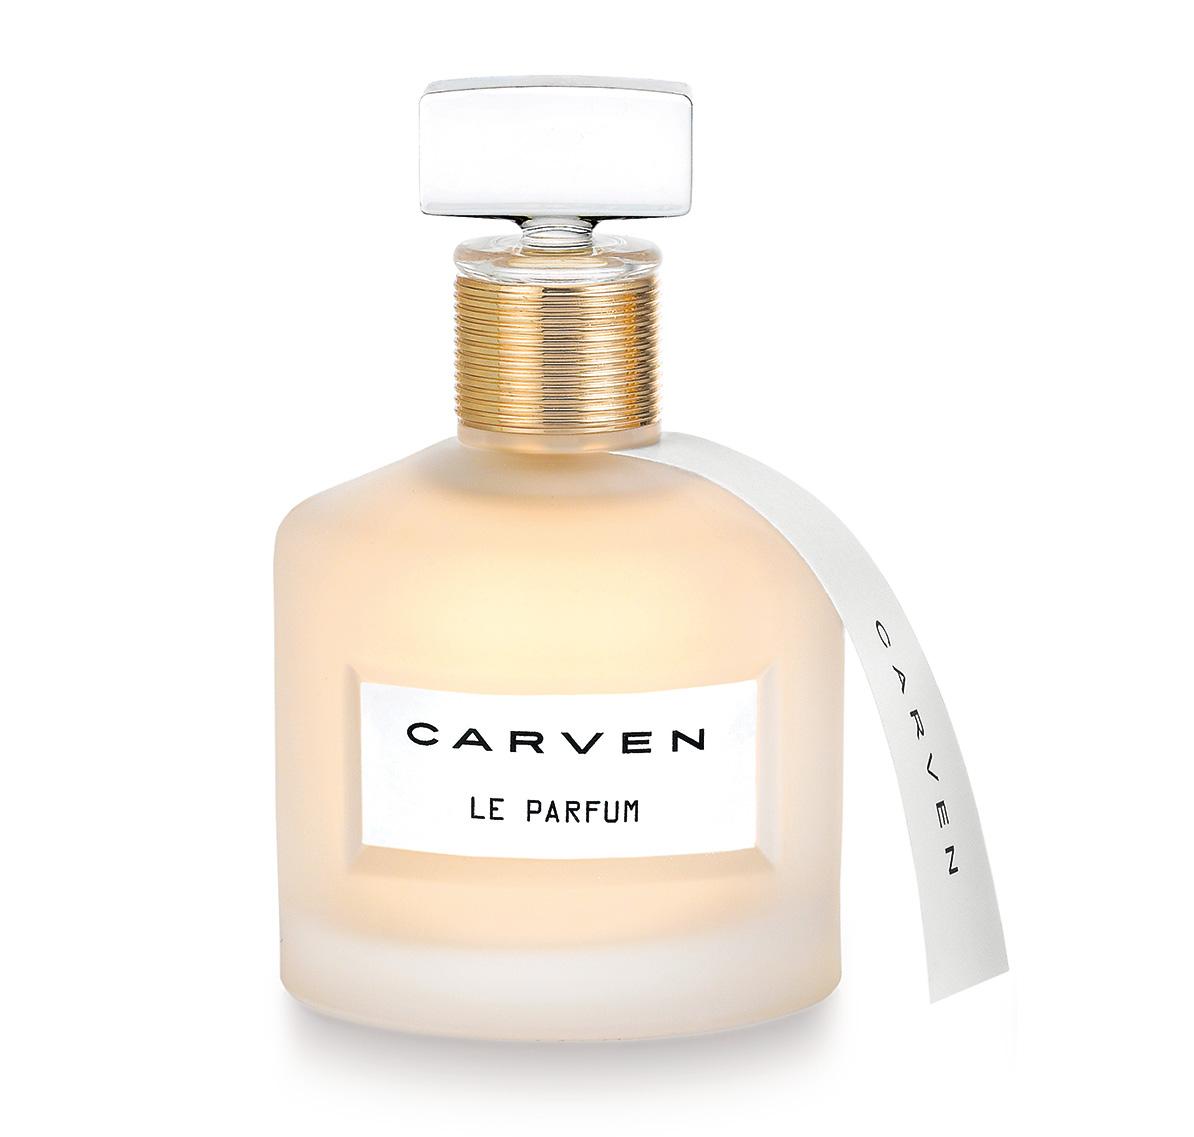 Le Parfum, de Carven